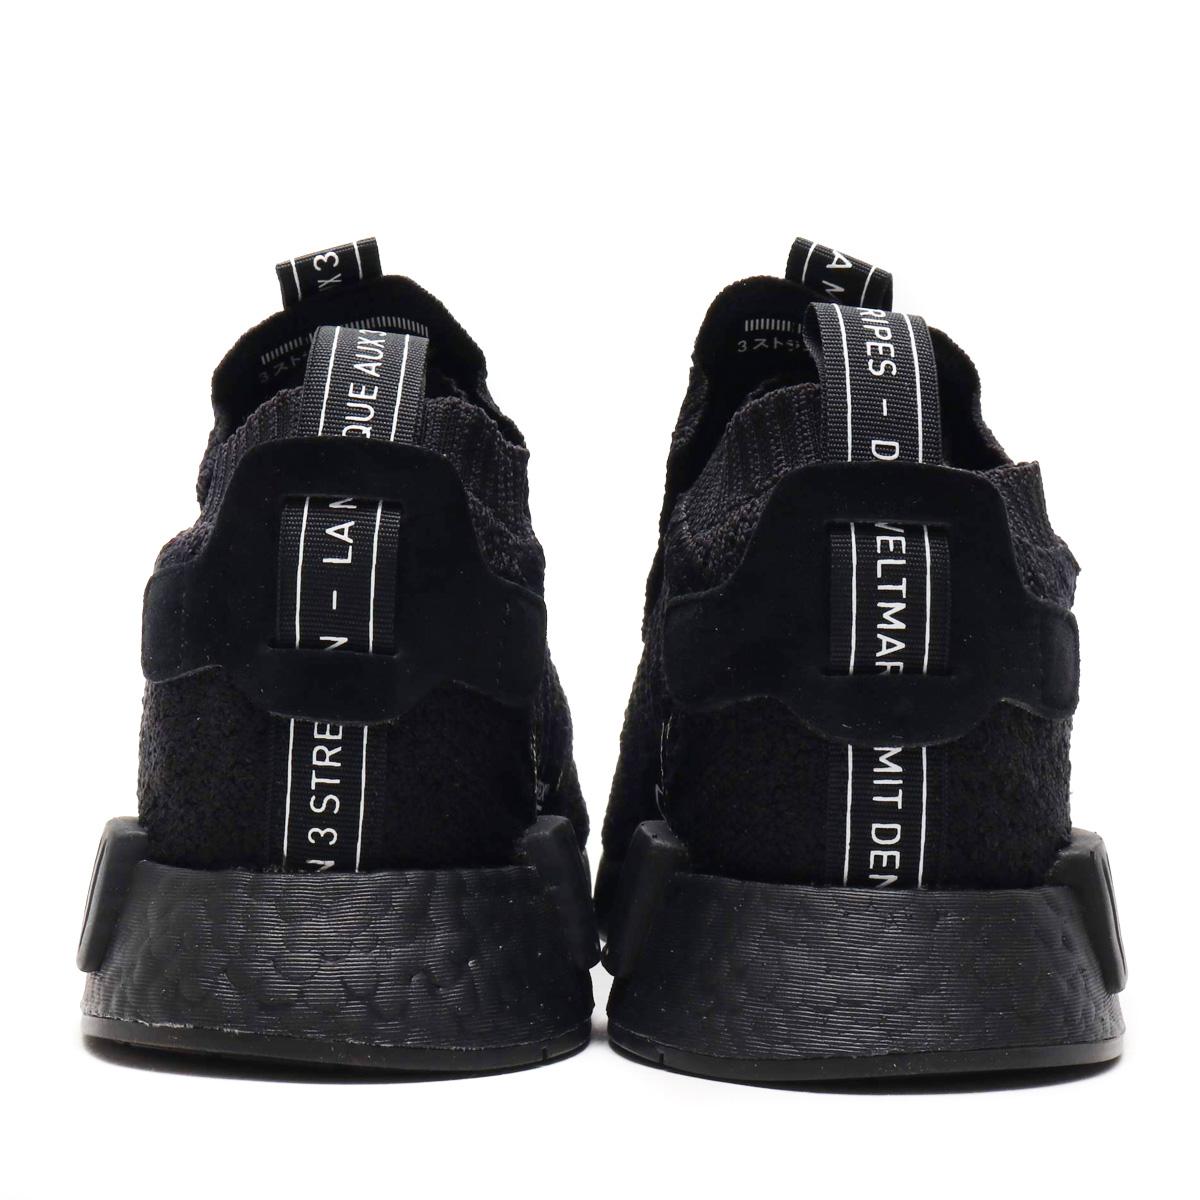 611a8bdc6d165 adidas Originals NMD TS1 PK GTX (Adidas originals N M D TS1 PK GTX) CORE  BLACK CORE BLACK CORE BLACK 18FW-I